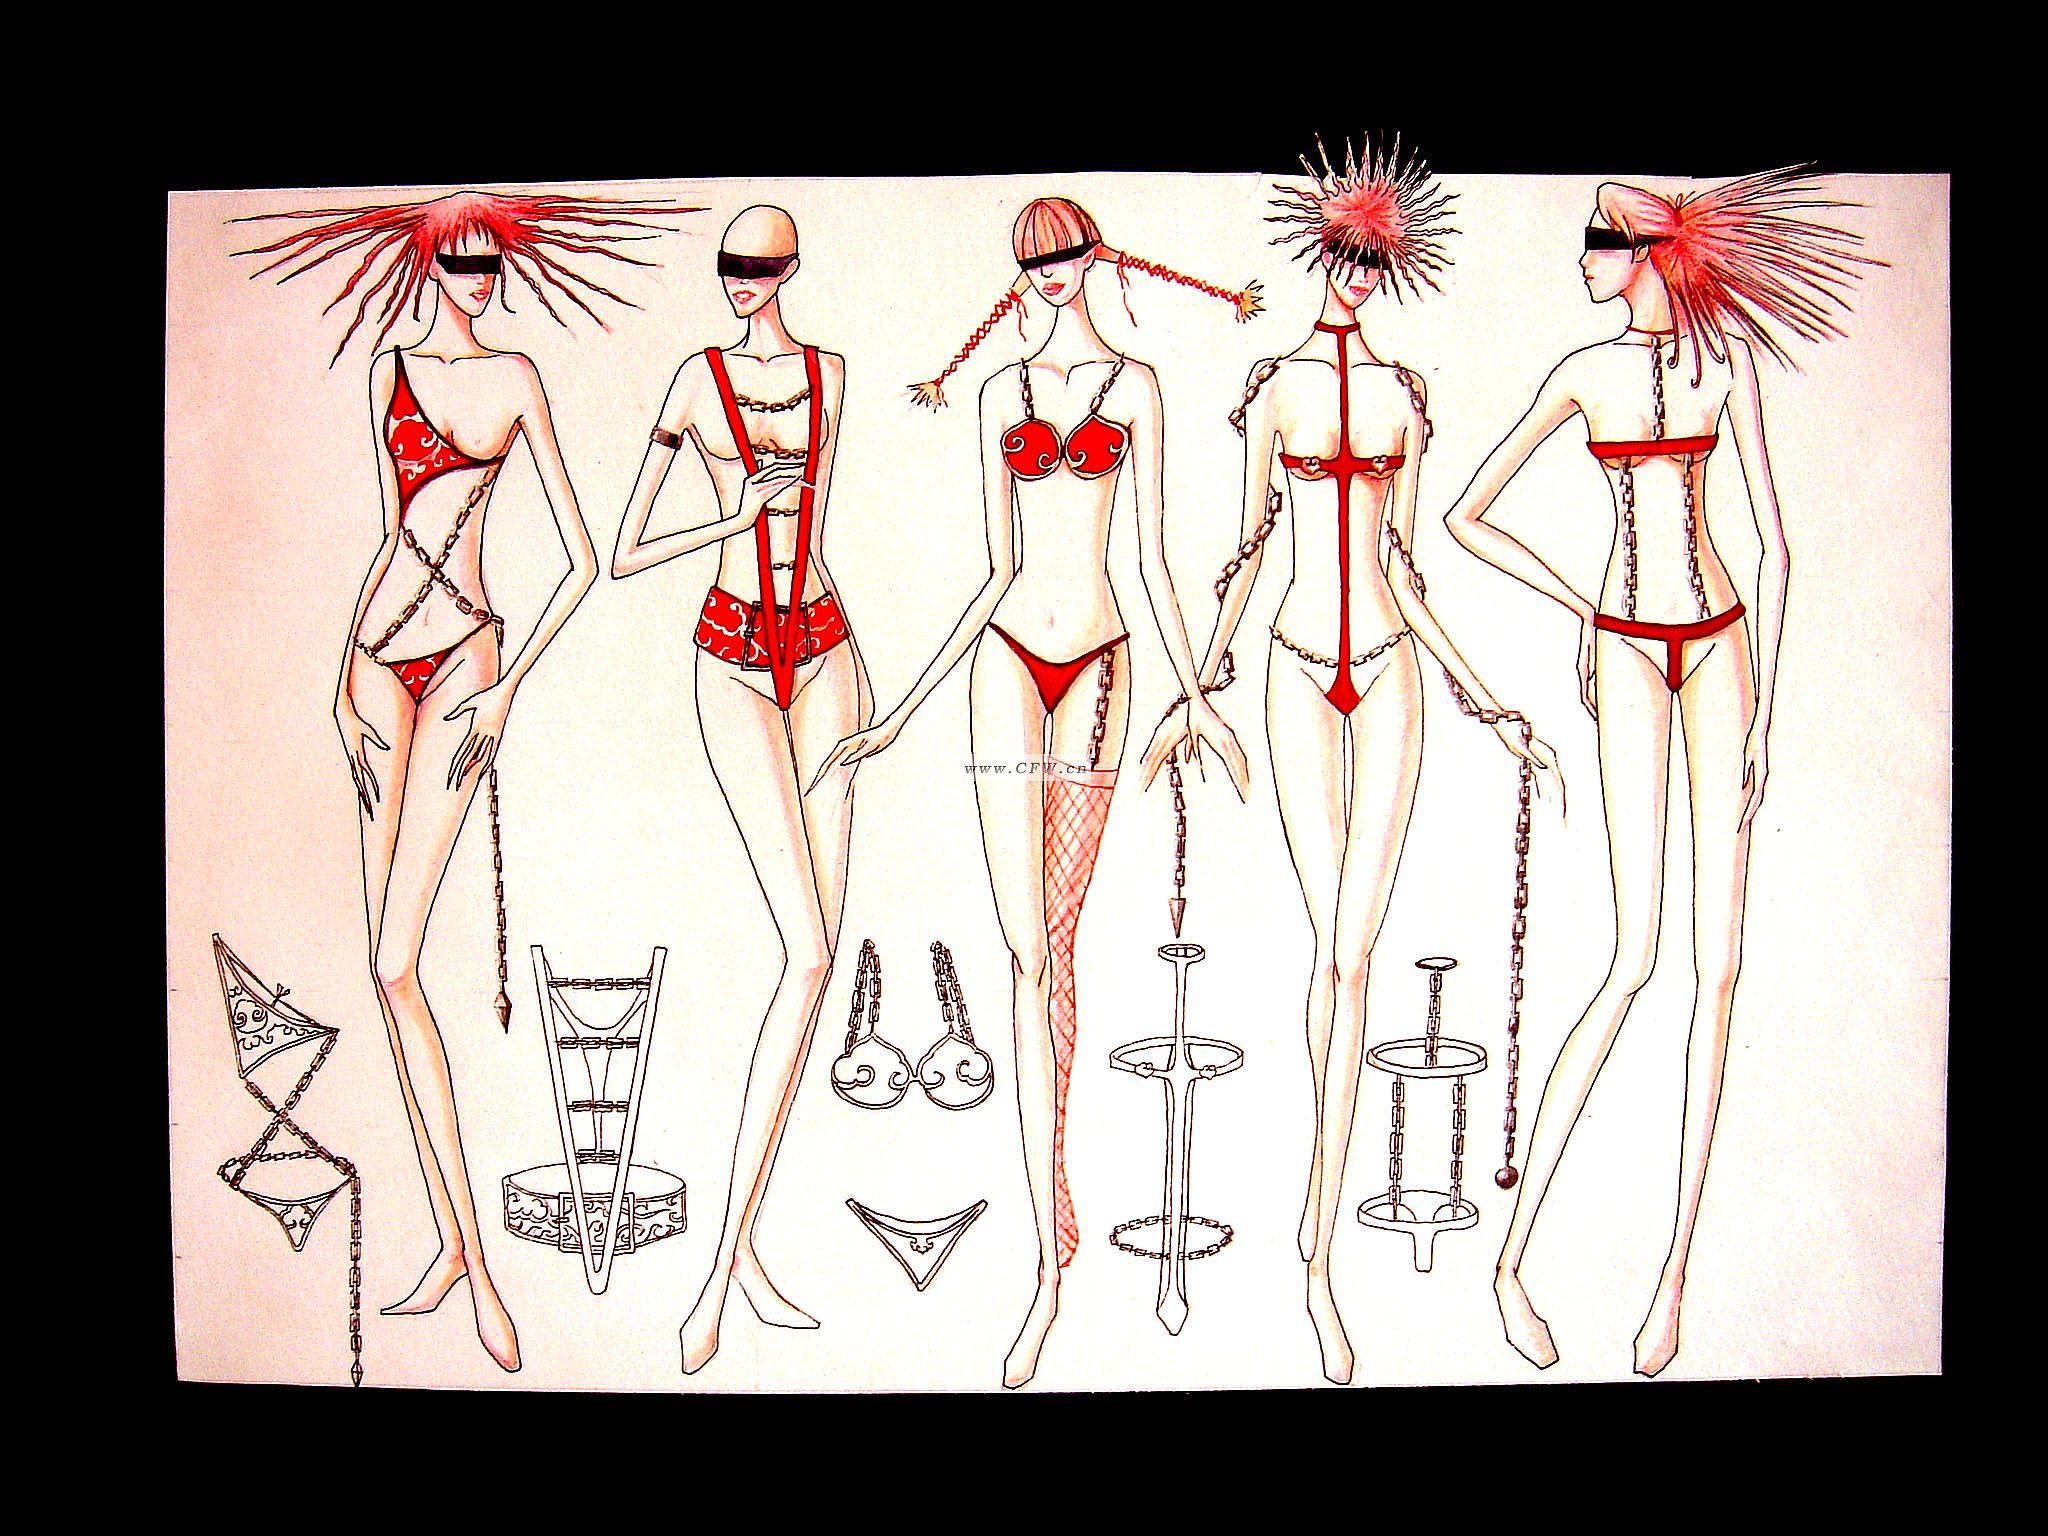 内衣套装设计-服装设计